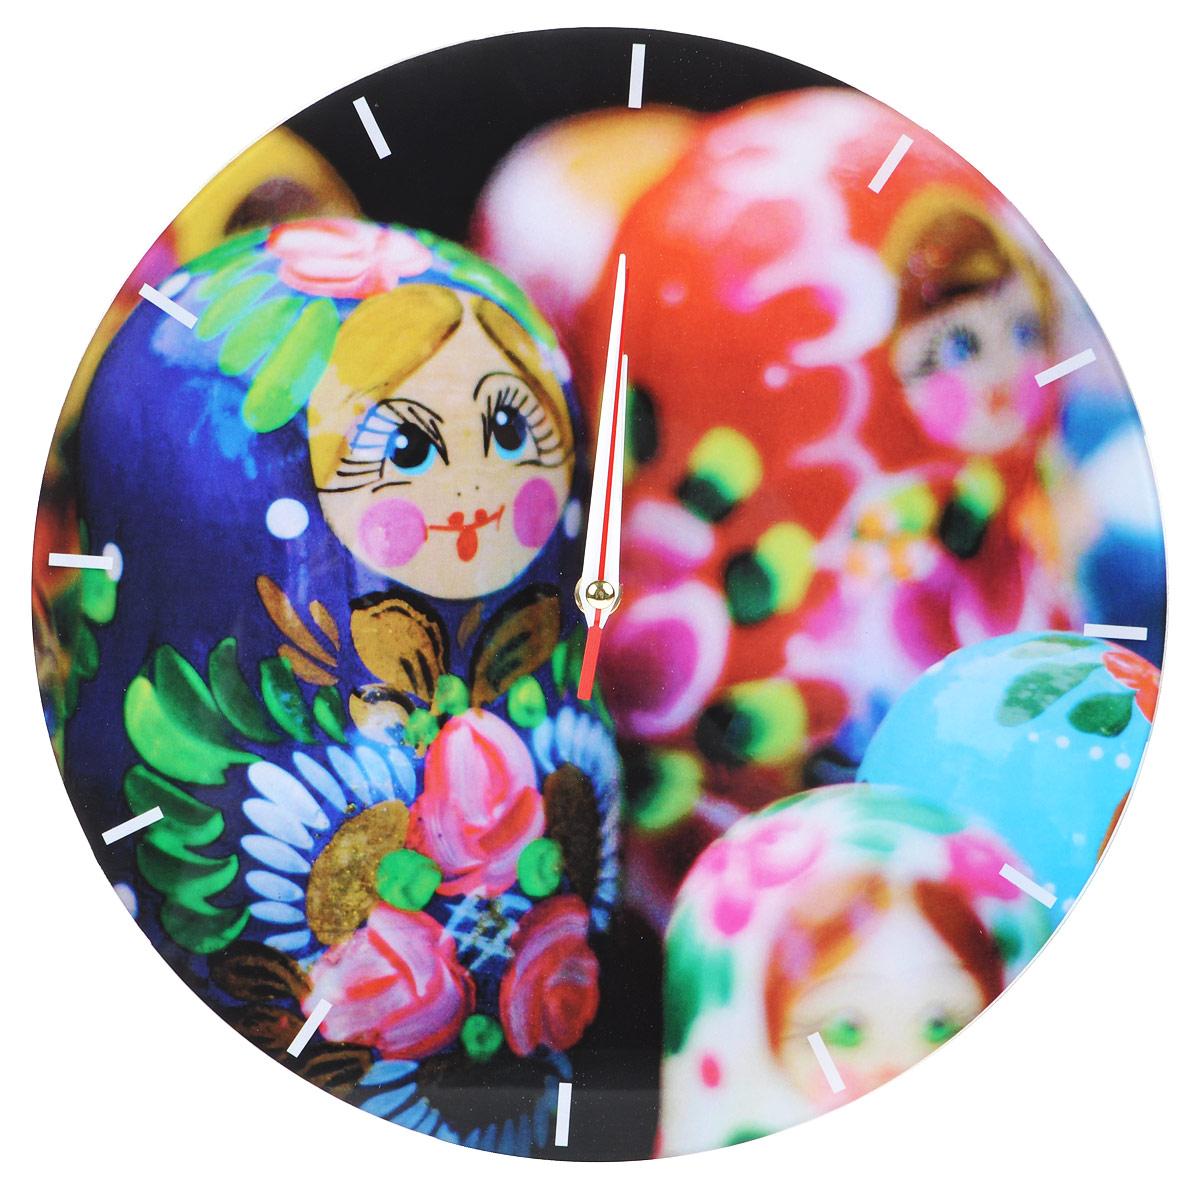 Часы настенные Матрешки, стеклянные, цвет: мульти. 9554495544Оригинальные настенные часы Матрешки круглой формы выполнены из стекла и оформлены изображением матрешек. Часы имеют три стрелки - часовую, минутную и секундную. Циферблат часов не защищен. Необычное дизайнерское решение и качество исполнения придутся по вкусу каждому.Оформите свой дом таким интерьерным аксессуаром или преподнесите его в качестве презента друзьям, и они оценят ваш оригинальный вкус и неординарность подарка. Характеристики:Материал: пластик, стекло. Диаметр: 28 см. Работают от батарейки типа АА (в комплект не входит).